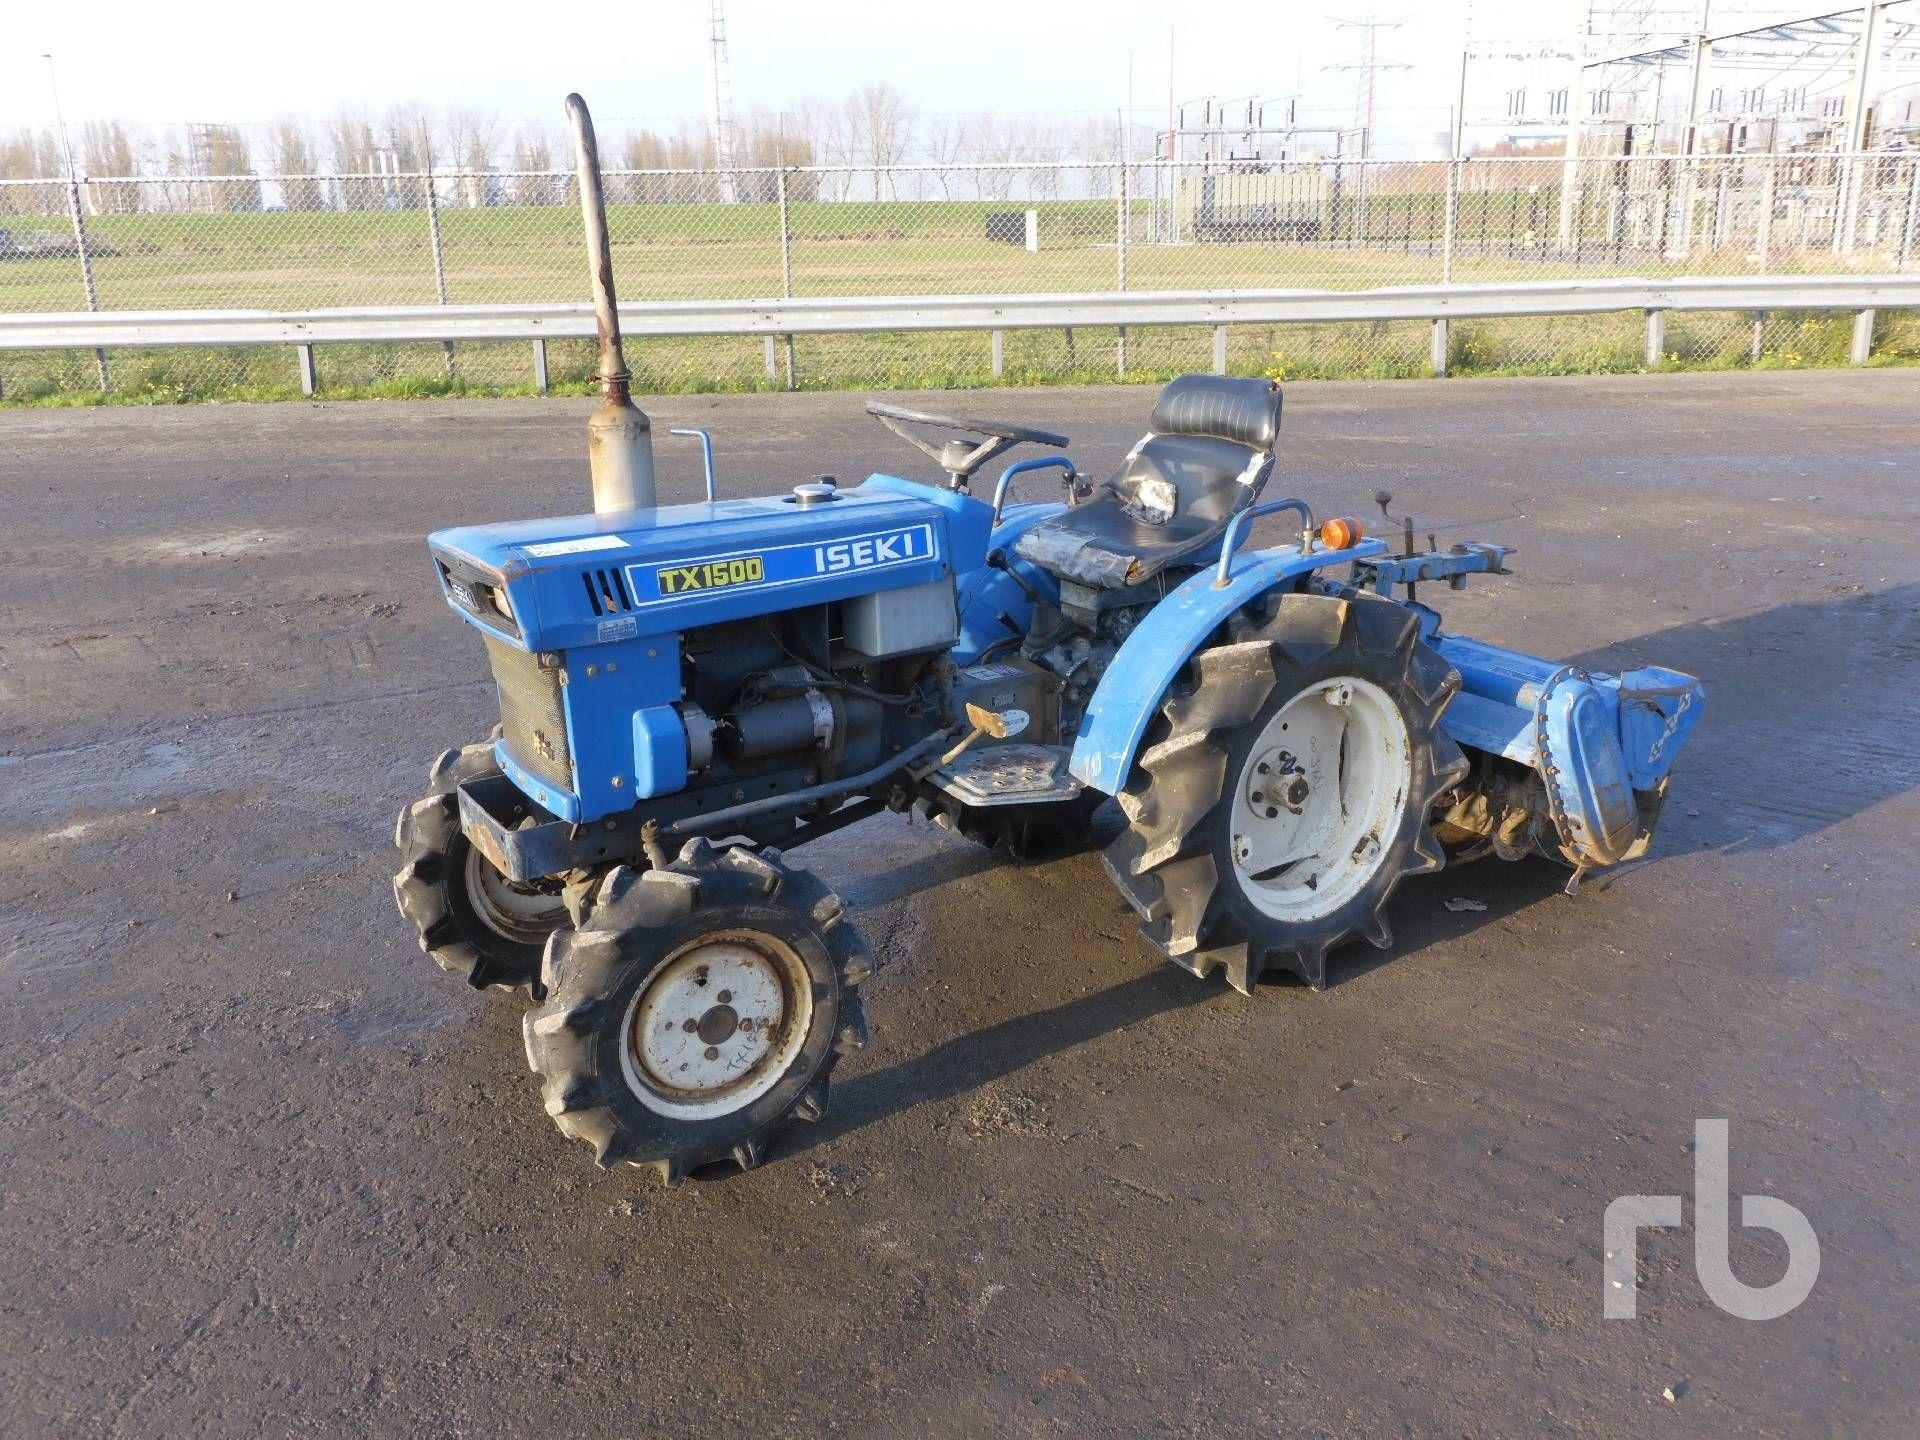 ISEKI TX1500F 4WD Utility Tractor Warennummer 972